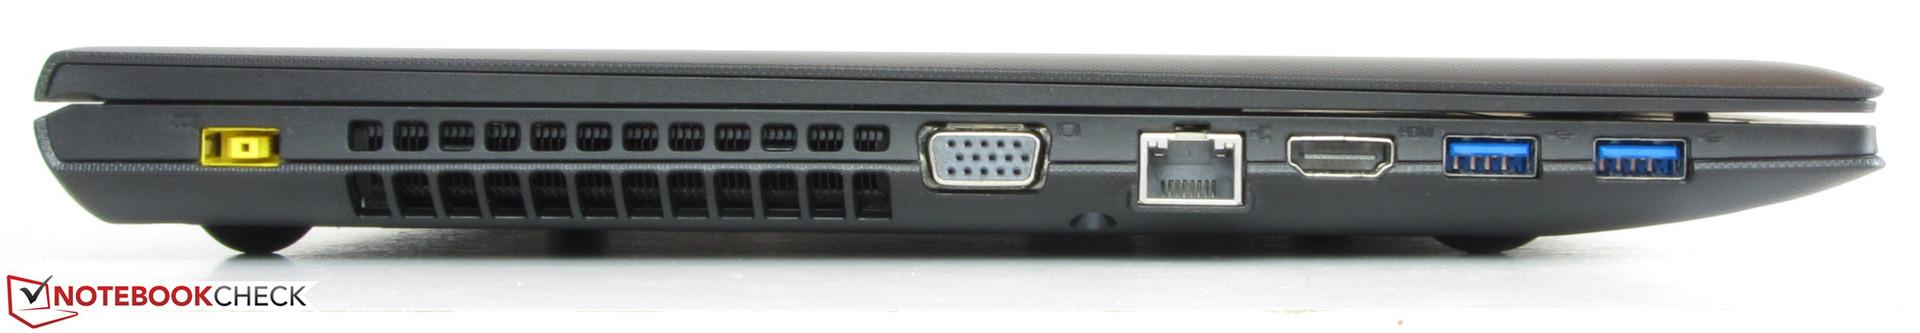 Драйвера на звуковую карту для ноутбука леново g500